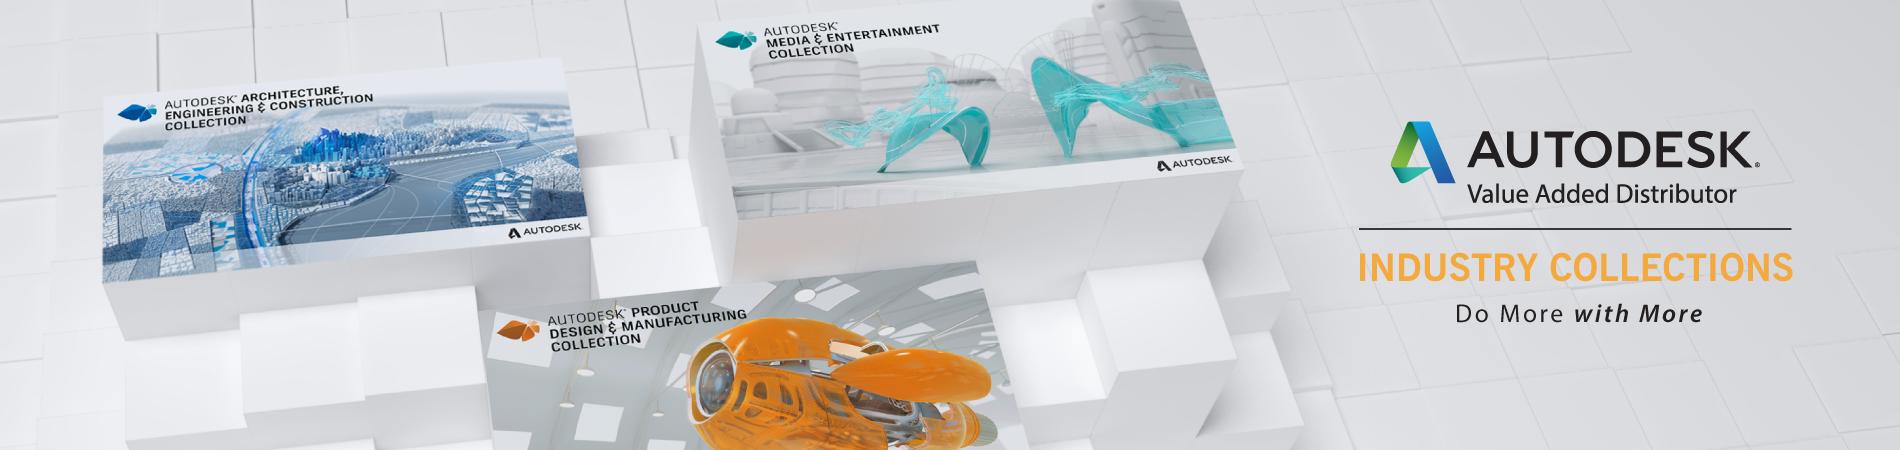 home-slider-banner-2-autodesk